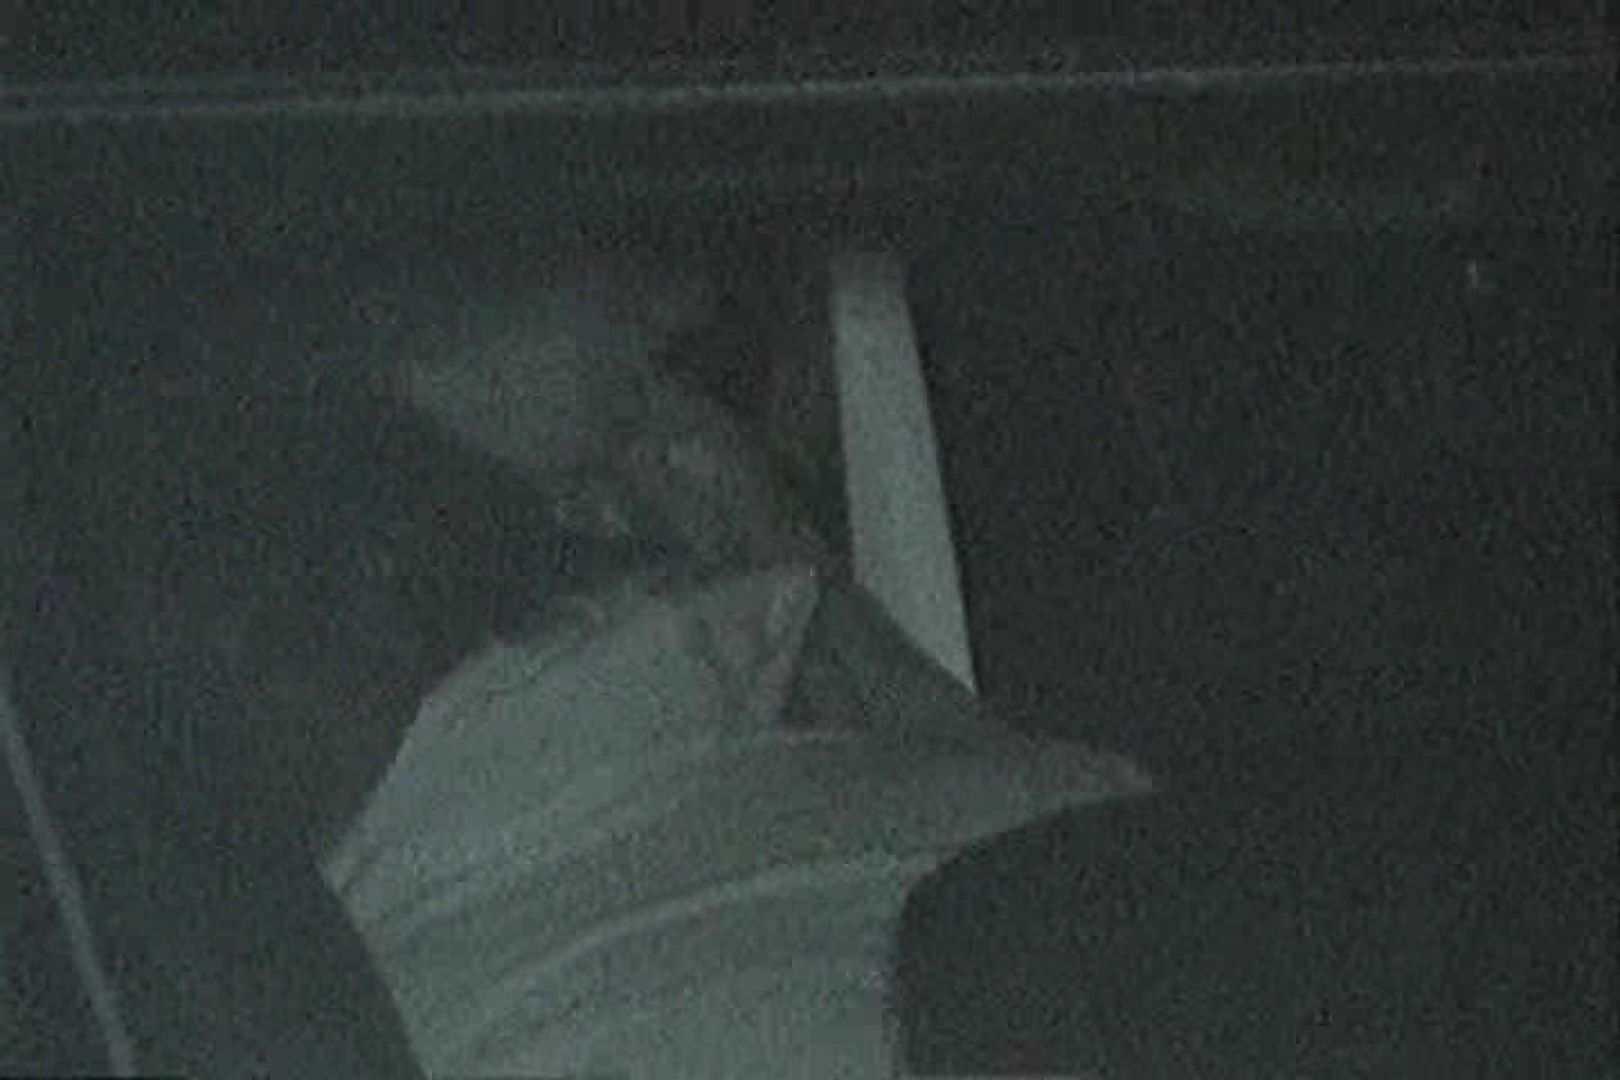 充血監督の深夜の運動会Vol.123 カップル盗撮 | エロティックなOL  107画像 67